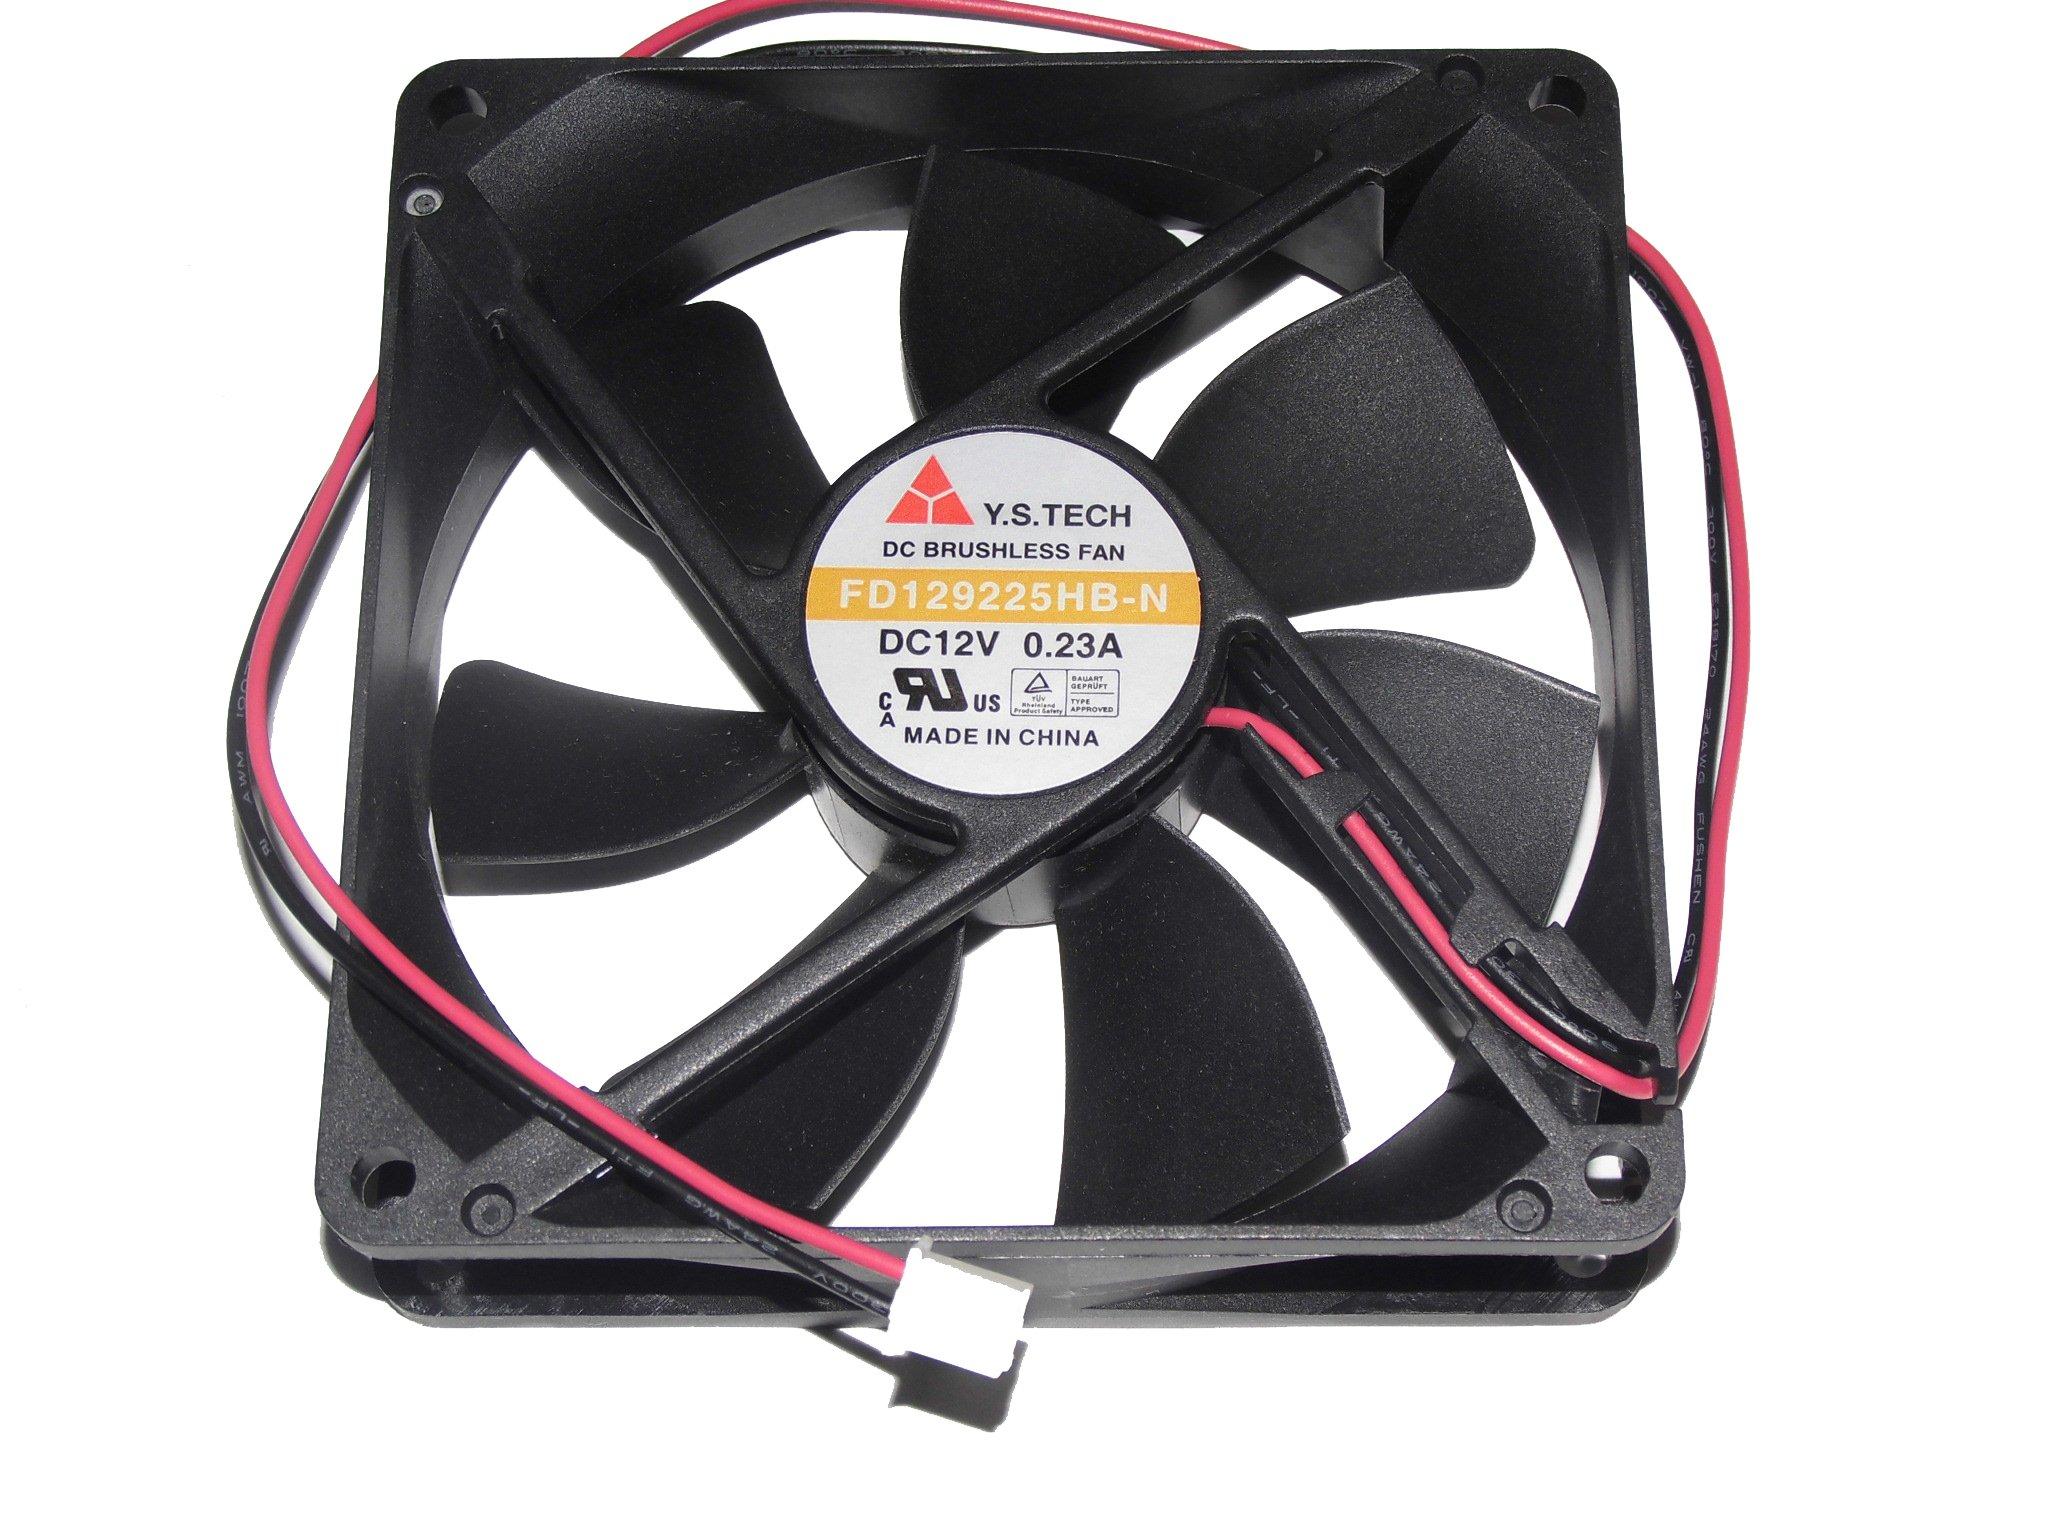 Generic FD129225HB-N 12V 0.23A 2Wire 9cm Y.S.TECH Cooling Fan